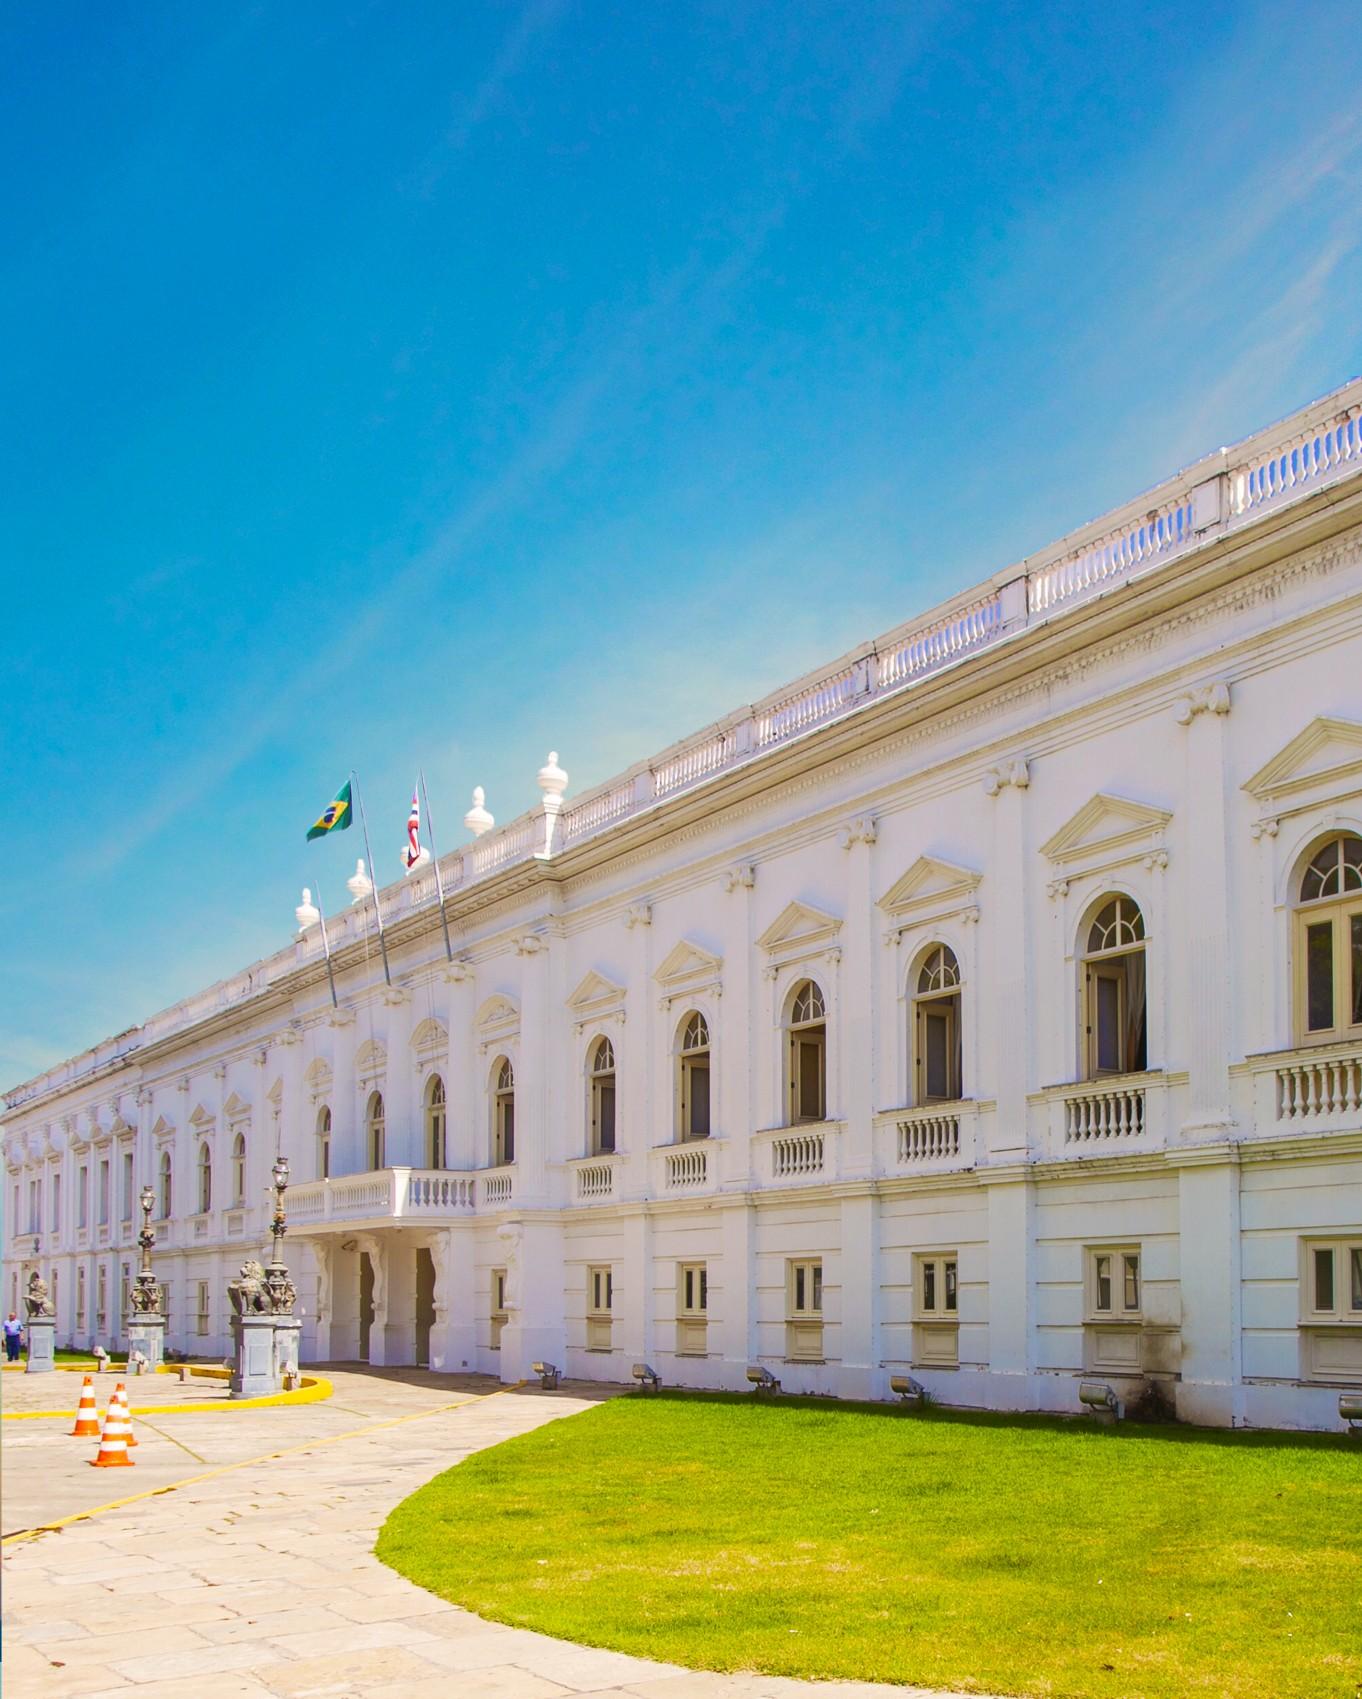 Palácio dos Leões marca ascensão da colônia portuguesa no Maranhão  - Notícias - Plantão Diário